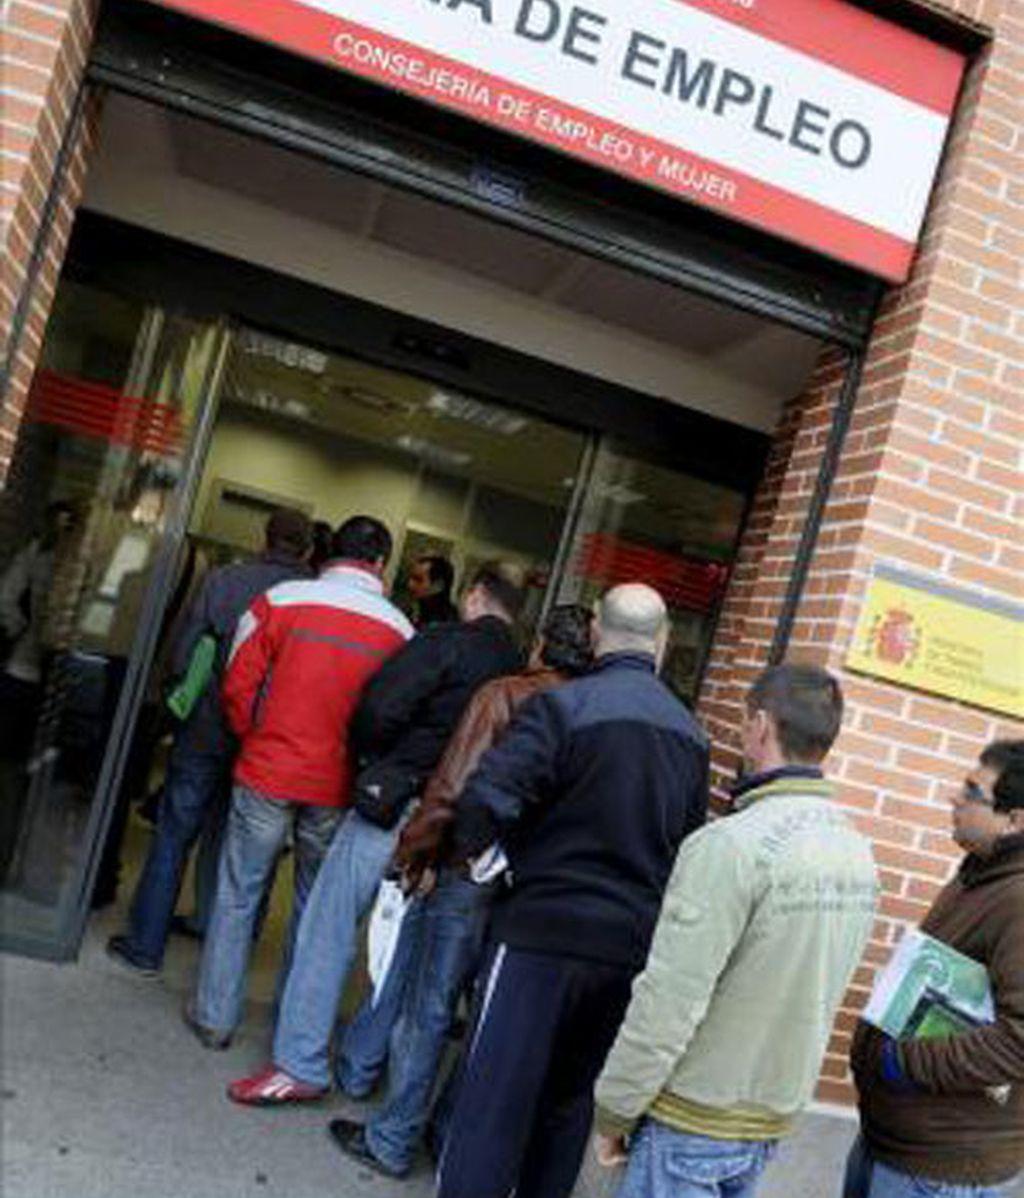 Varias personas hacen cola en una Oficina de Empleo de Madrid